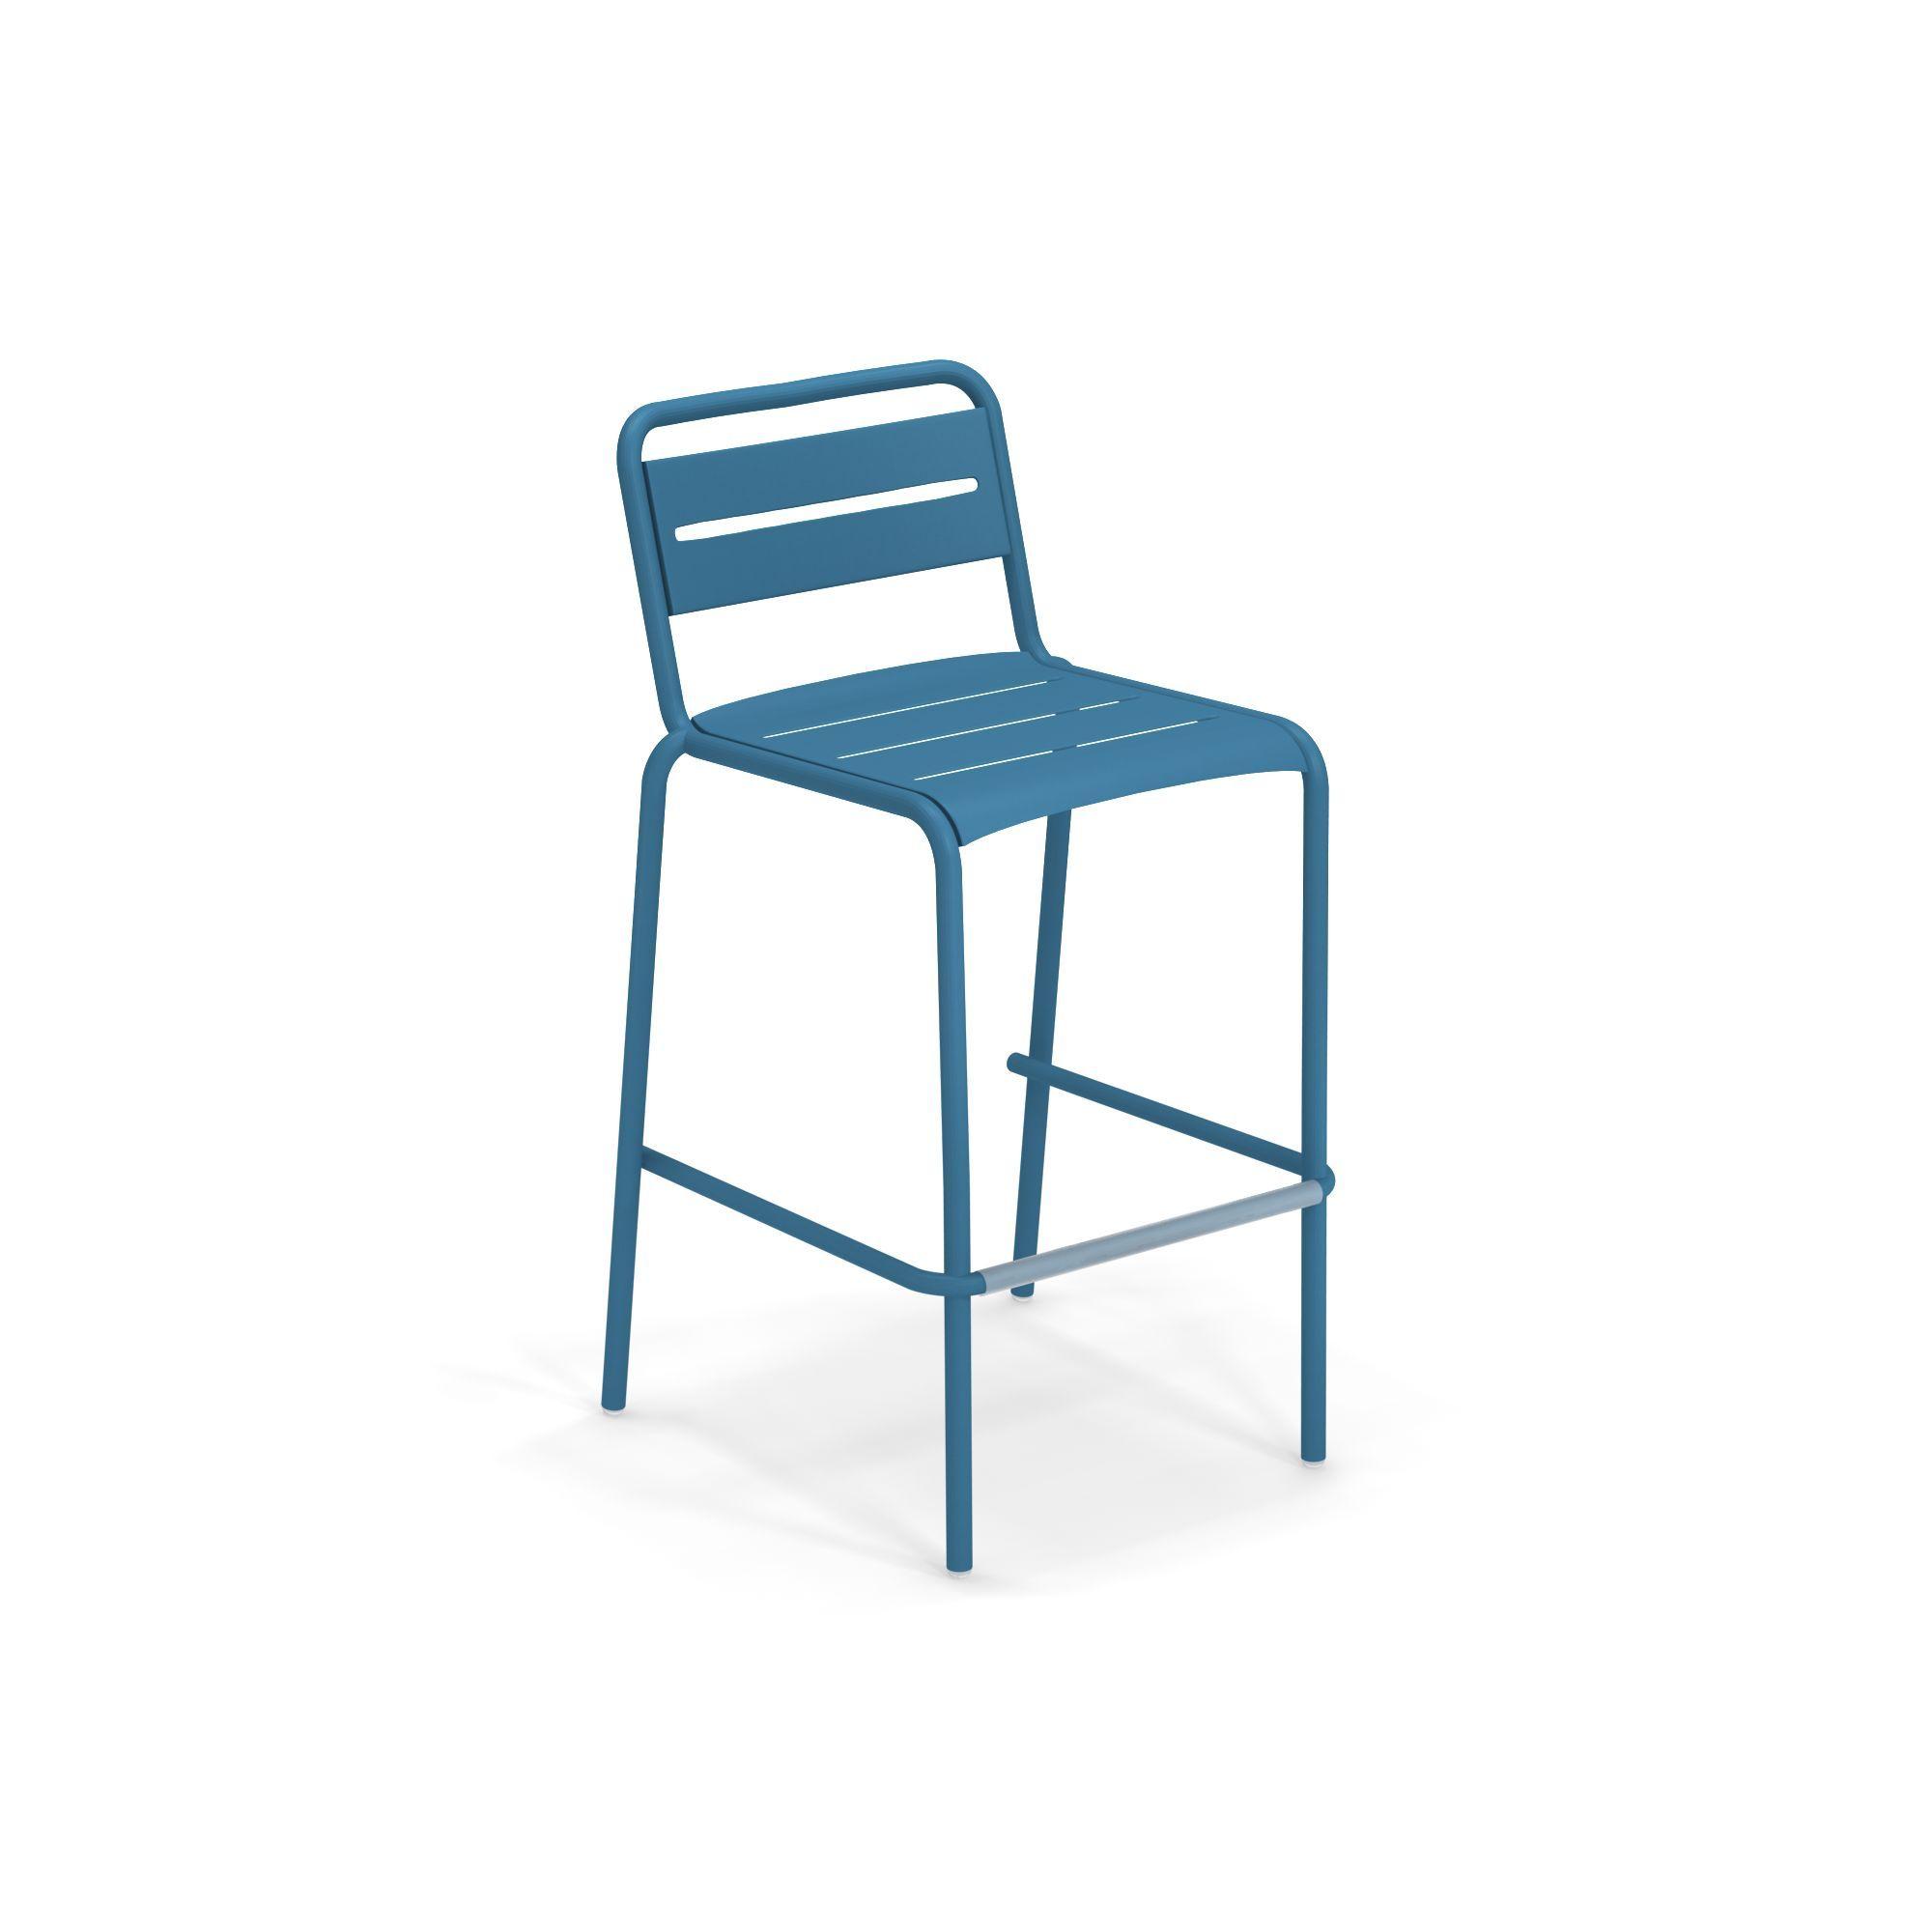 emuamericas, llc 164-61 bar stool, stacking, outdoor